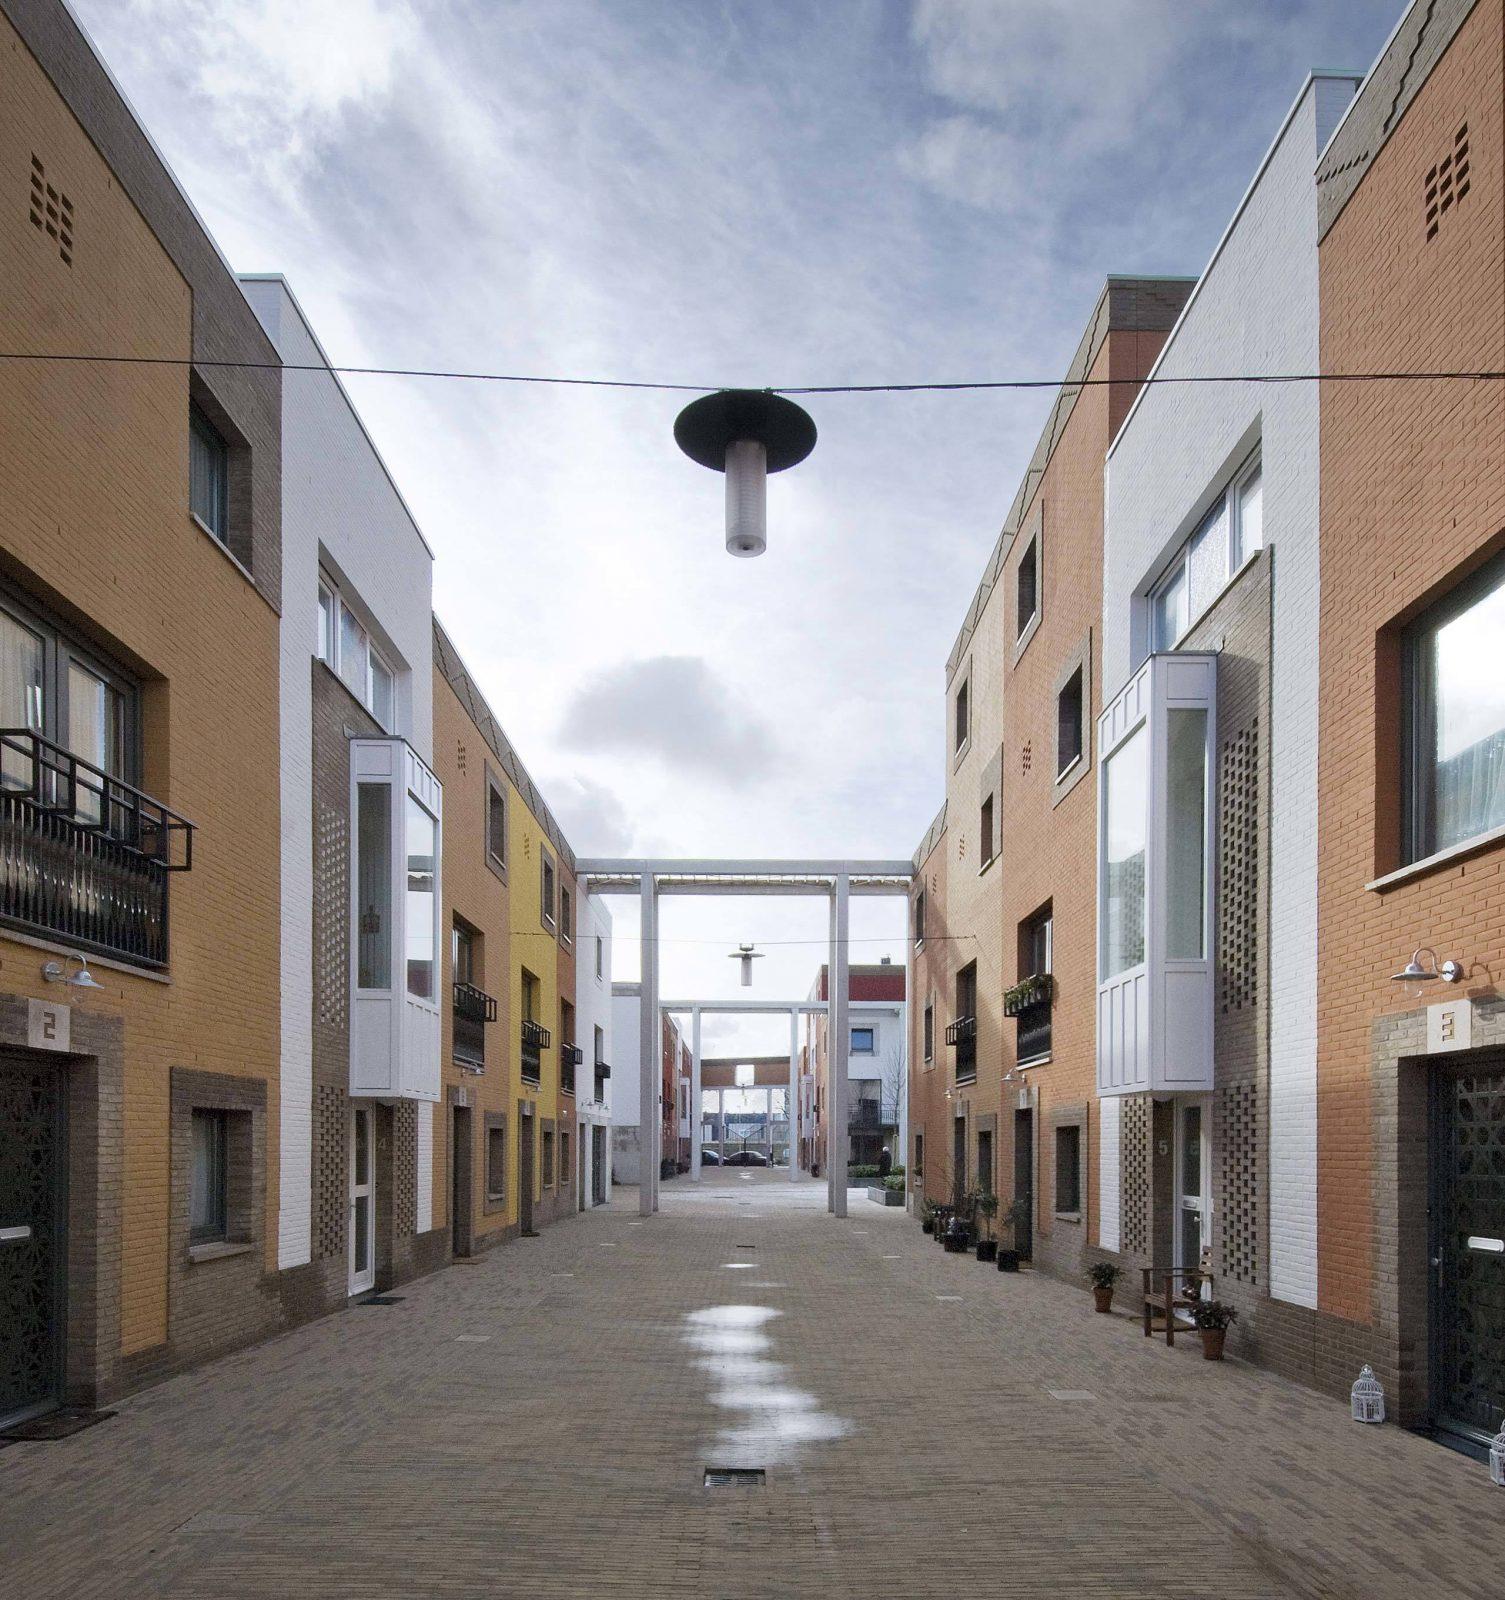 Medi Central Street